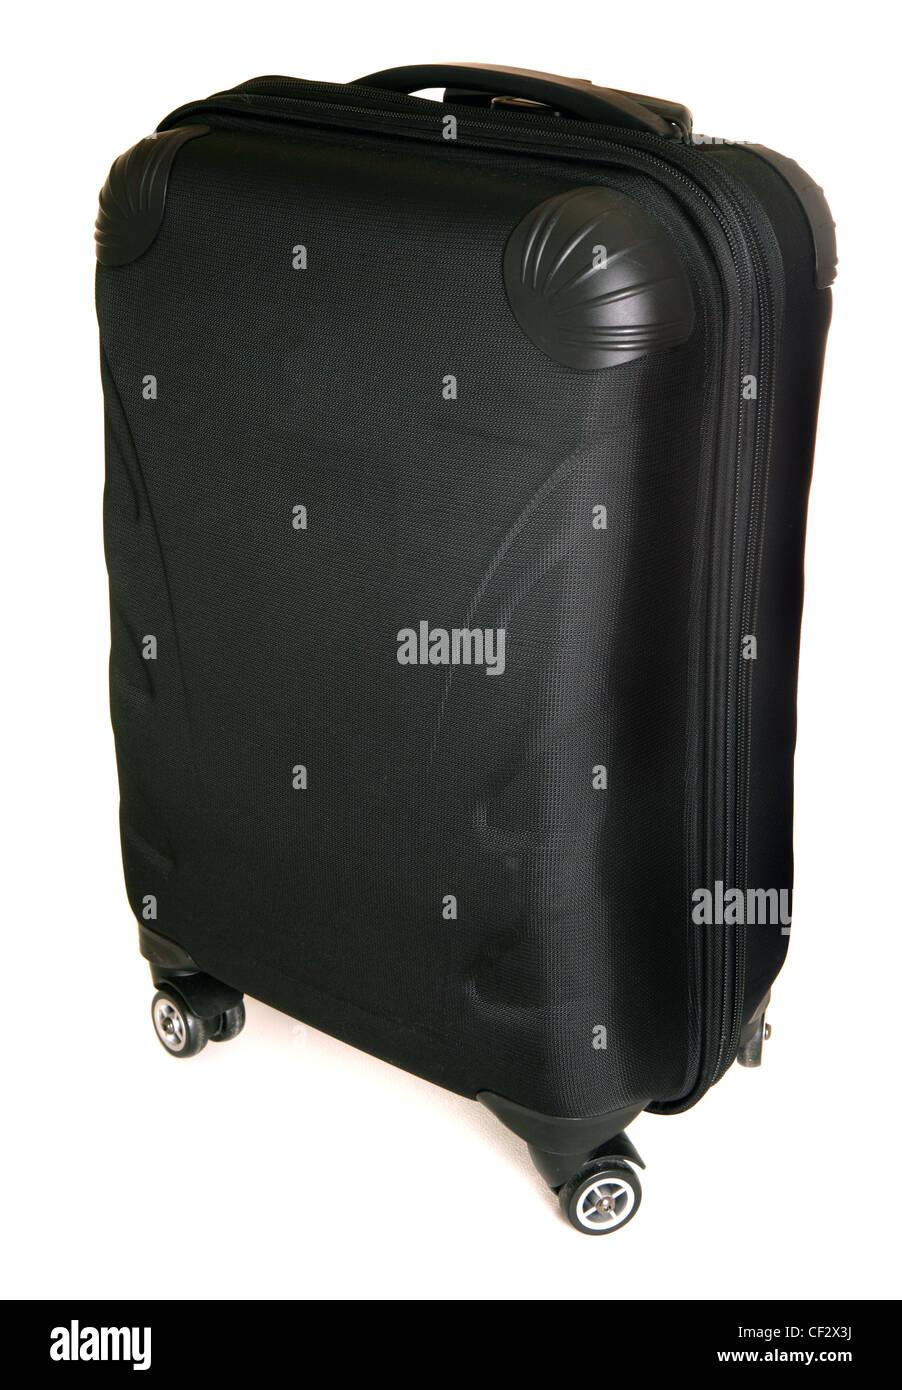 four wheeled suitcase on white background - Stock Image